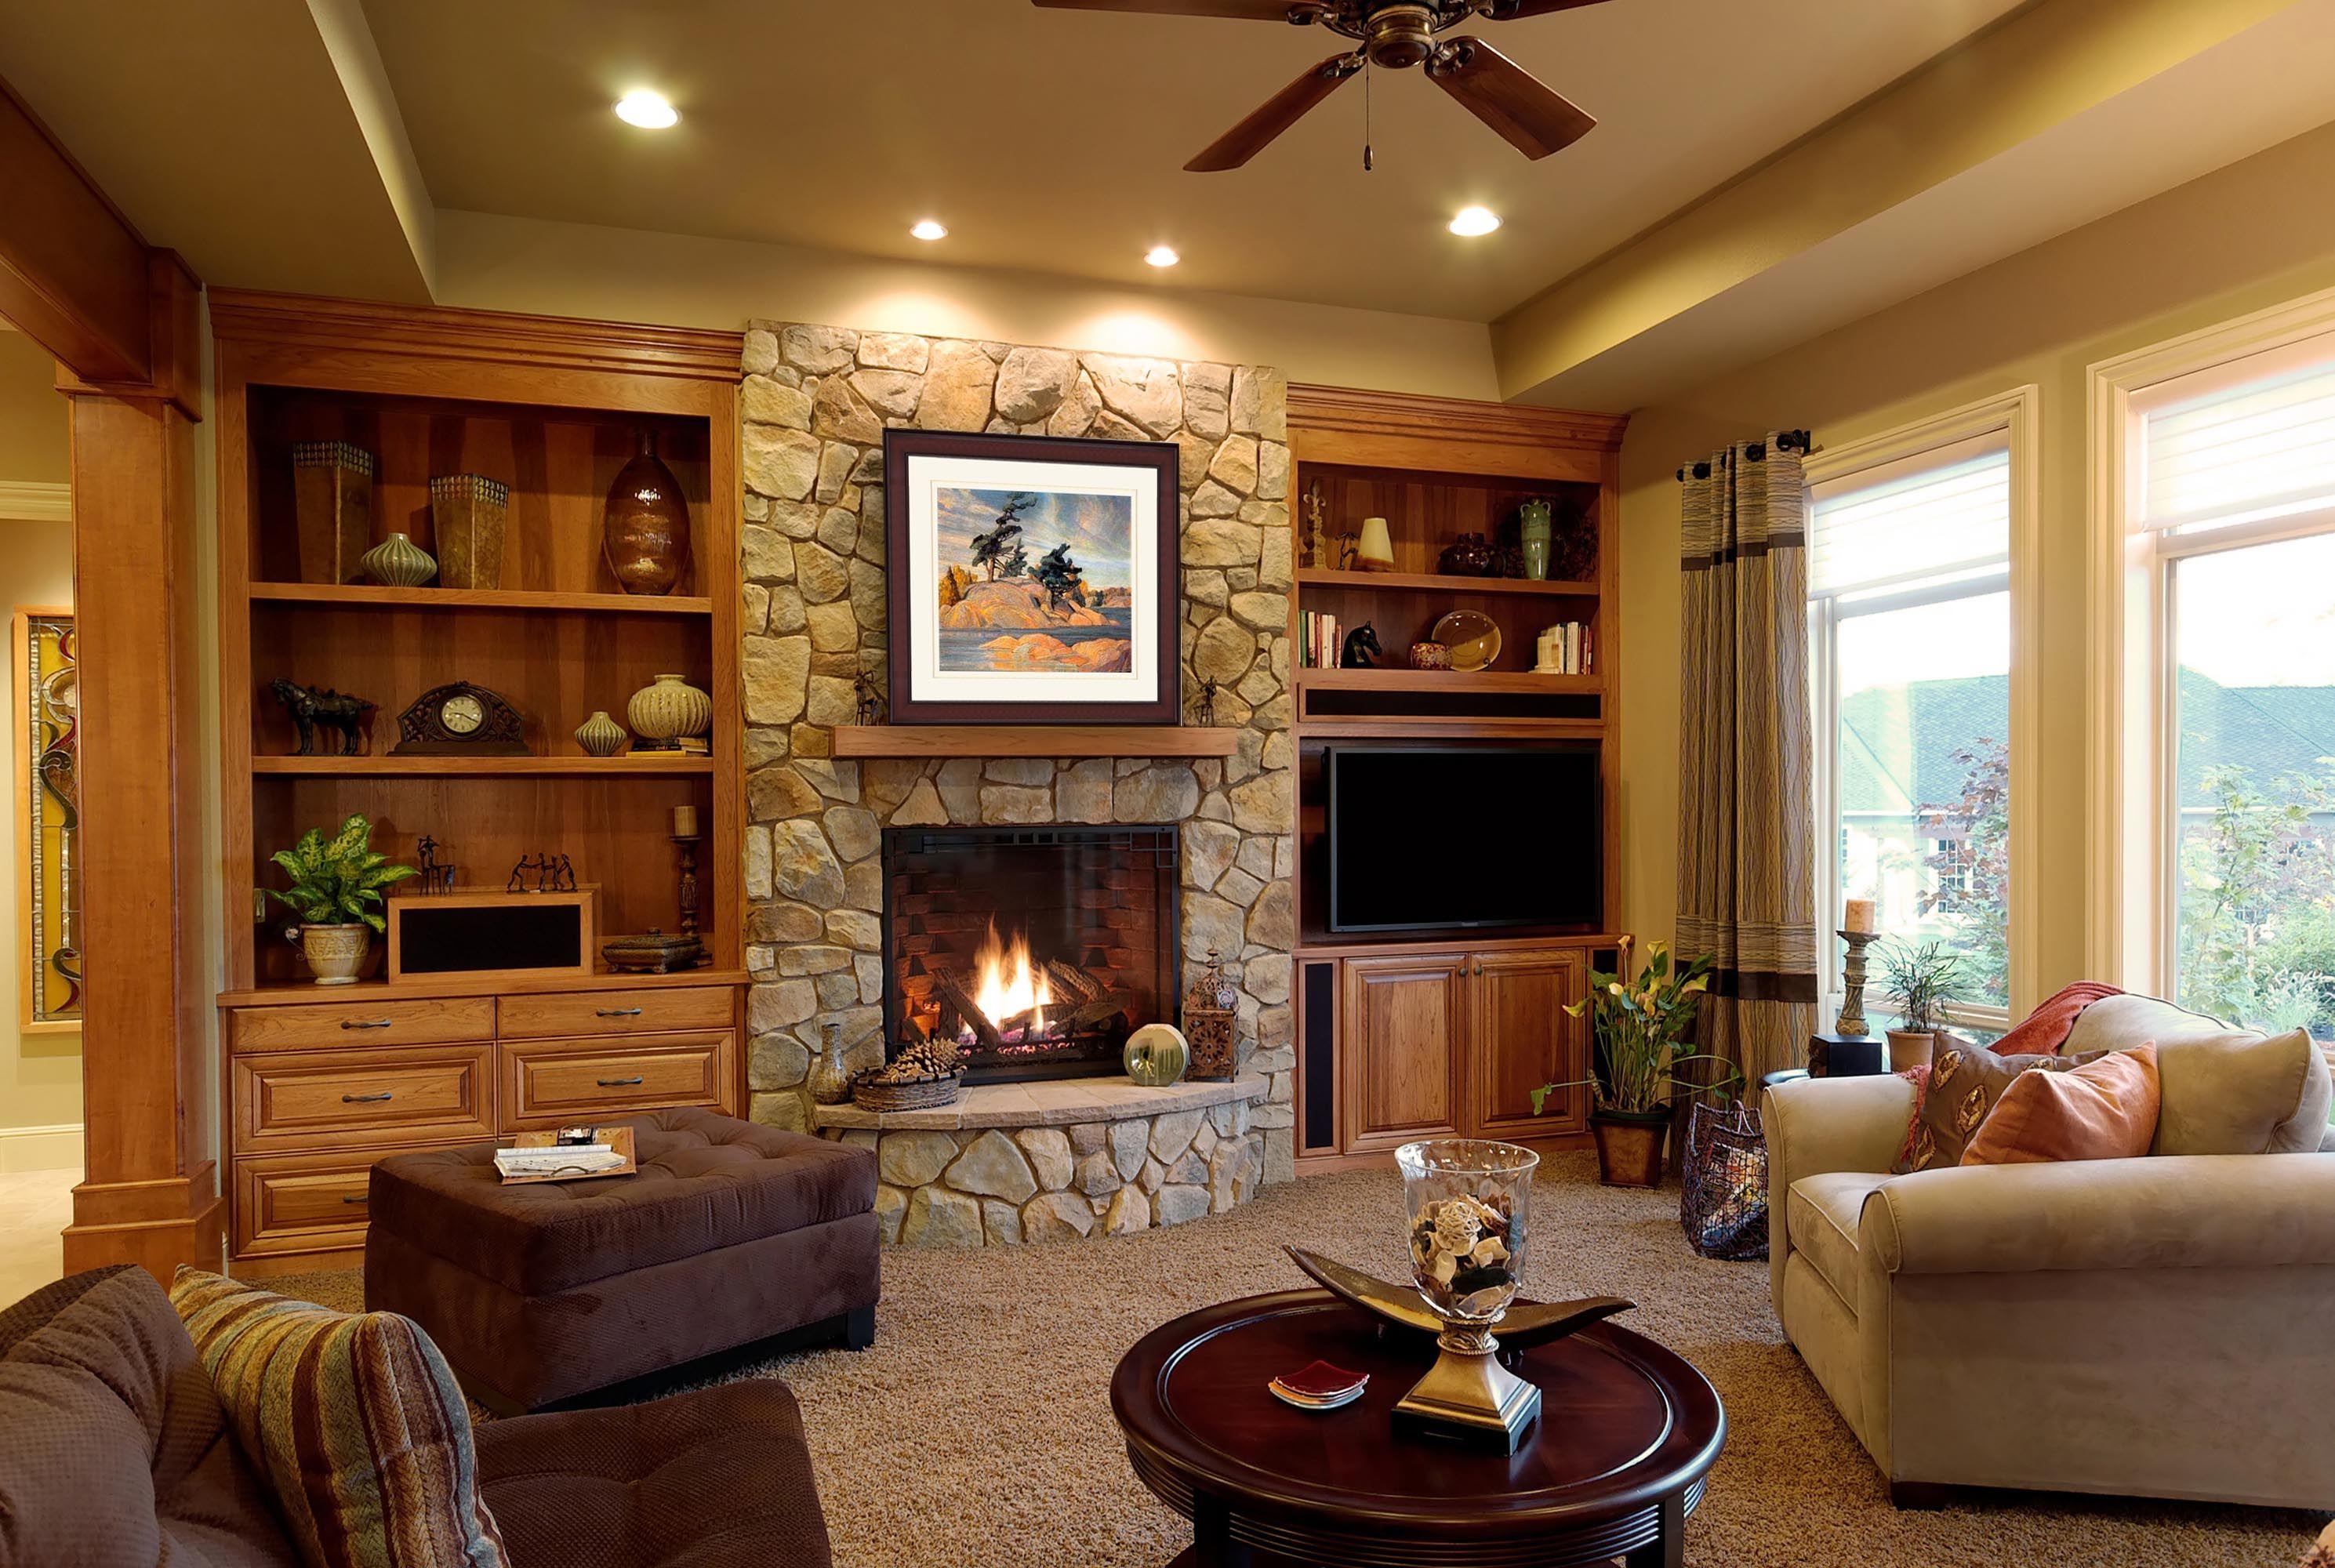 Wohnzimmer gemütlich kamin  Pin von Vanya Trifonova auf Home Sweet Home | Pinterest